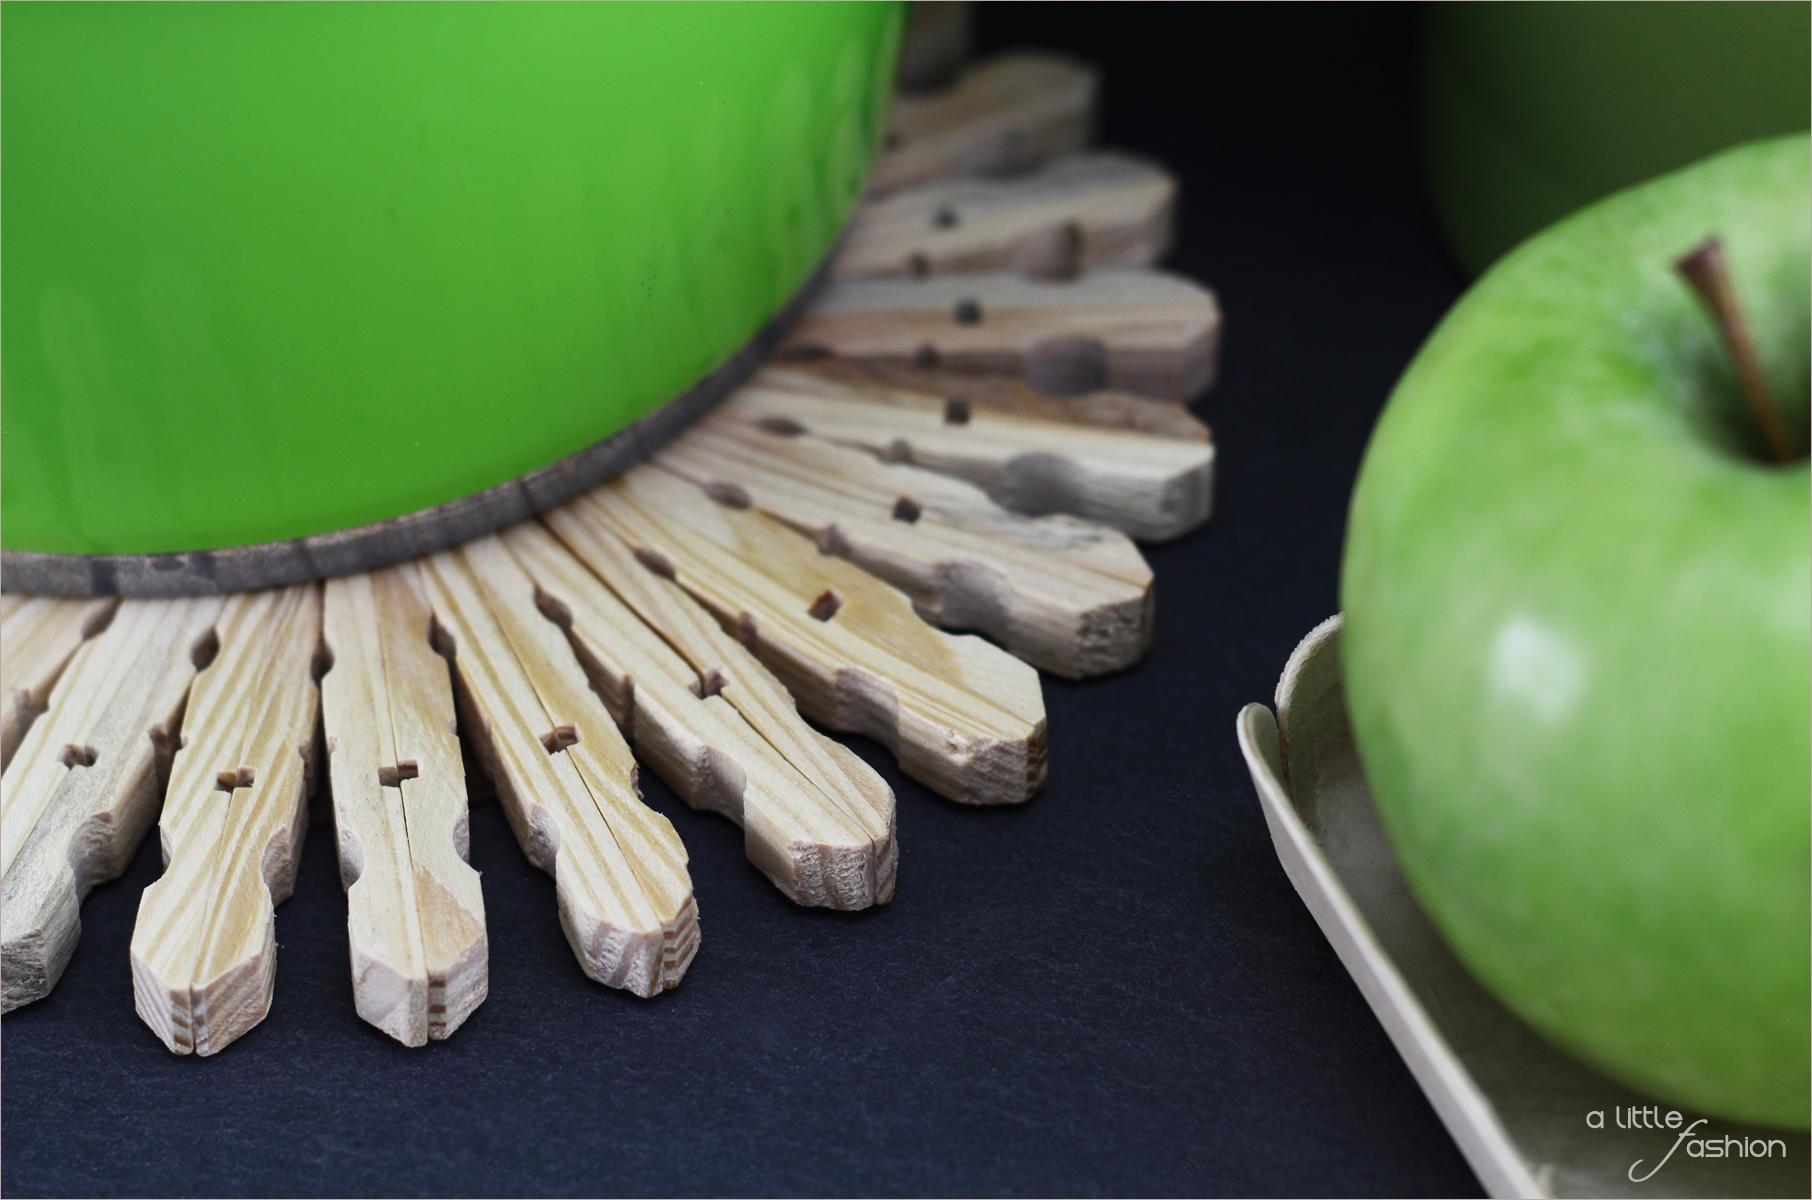 Untersetzer Holz Wäscheklammern ~ Es stimmt schon, Wäscheklammern an sich sind nicht sonderlich